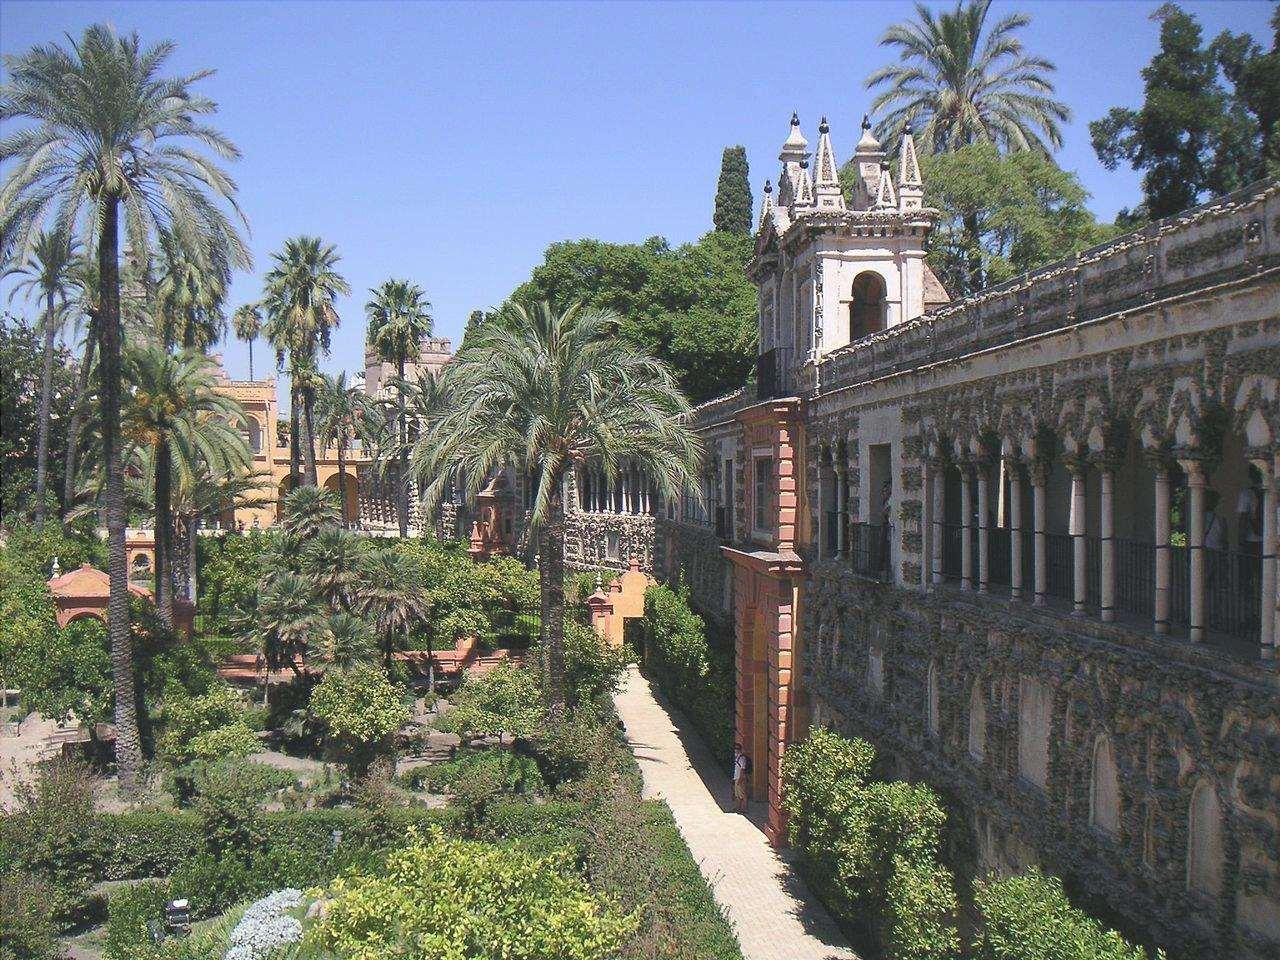 Il giardino spagnolo è un misto di stili